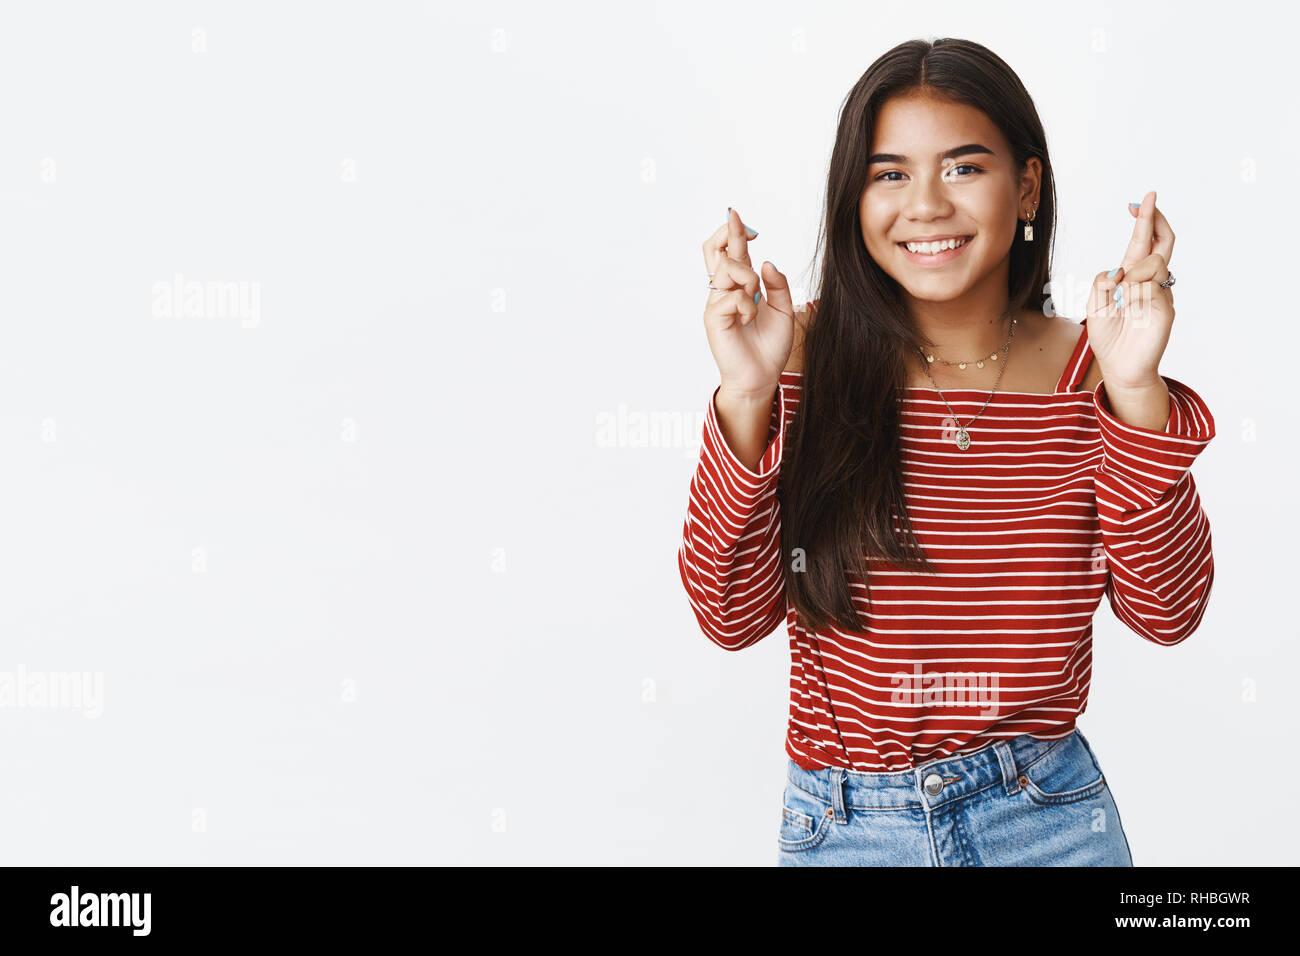 D'espoir et d'optimisme charmante jeune femme pense rêve crossing fingers pour la bonne chance et smiling at camera de décisions positives tiens Photo Stock